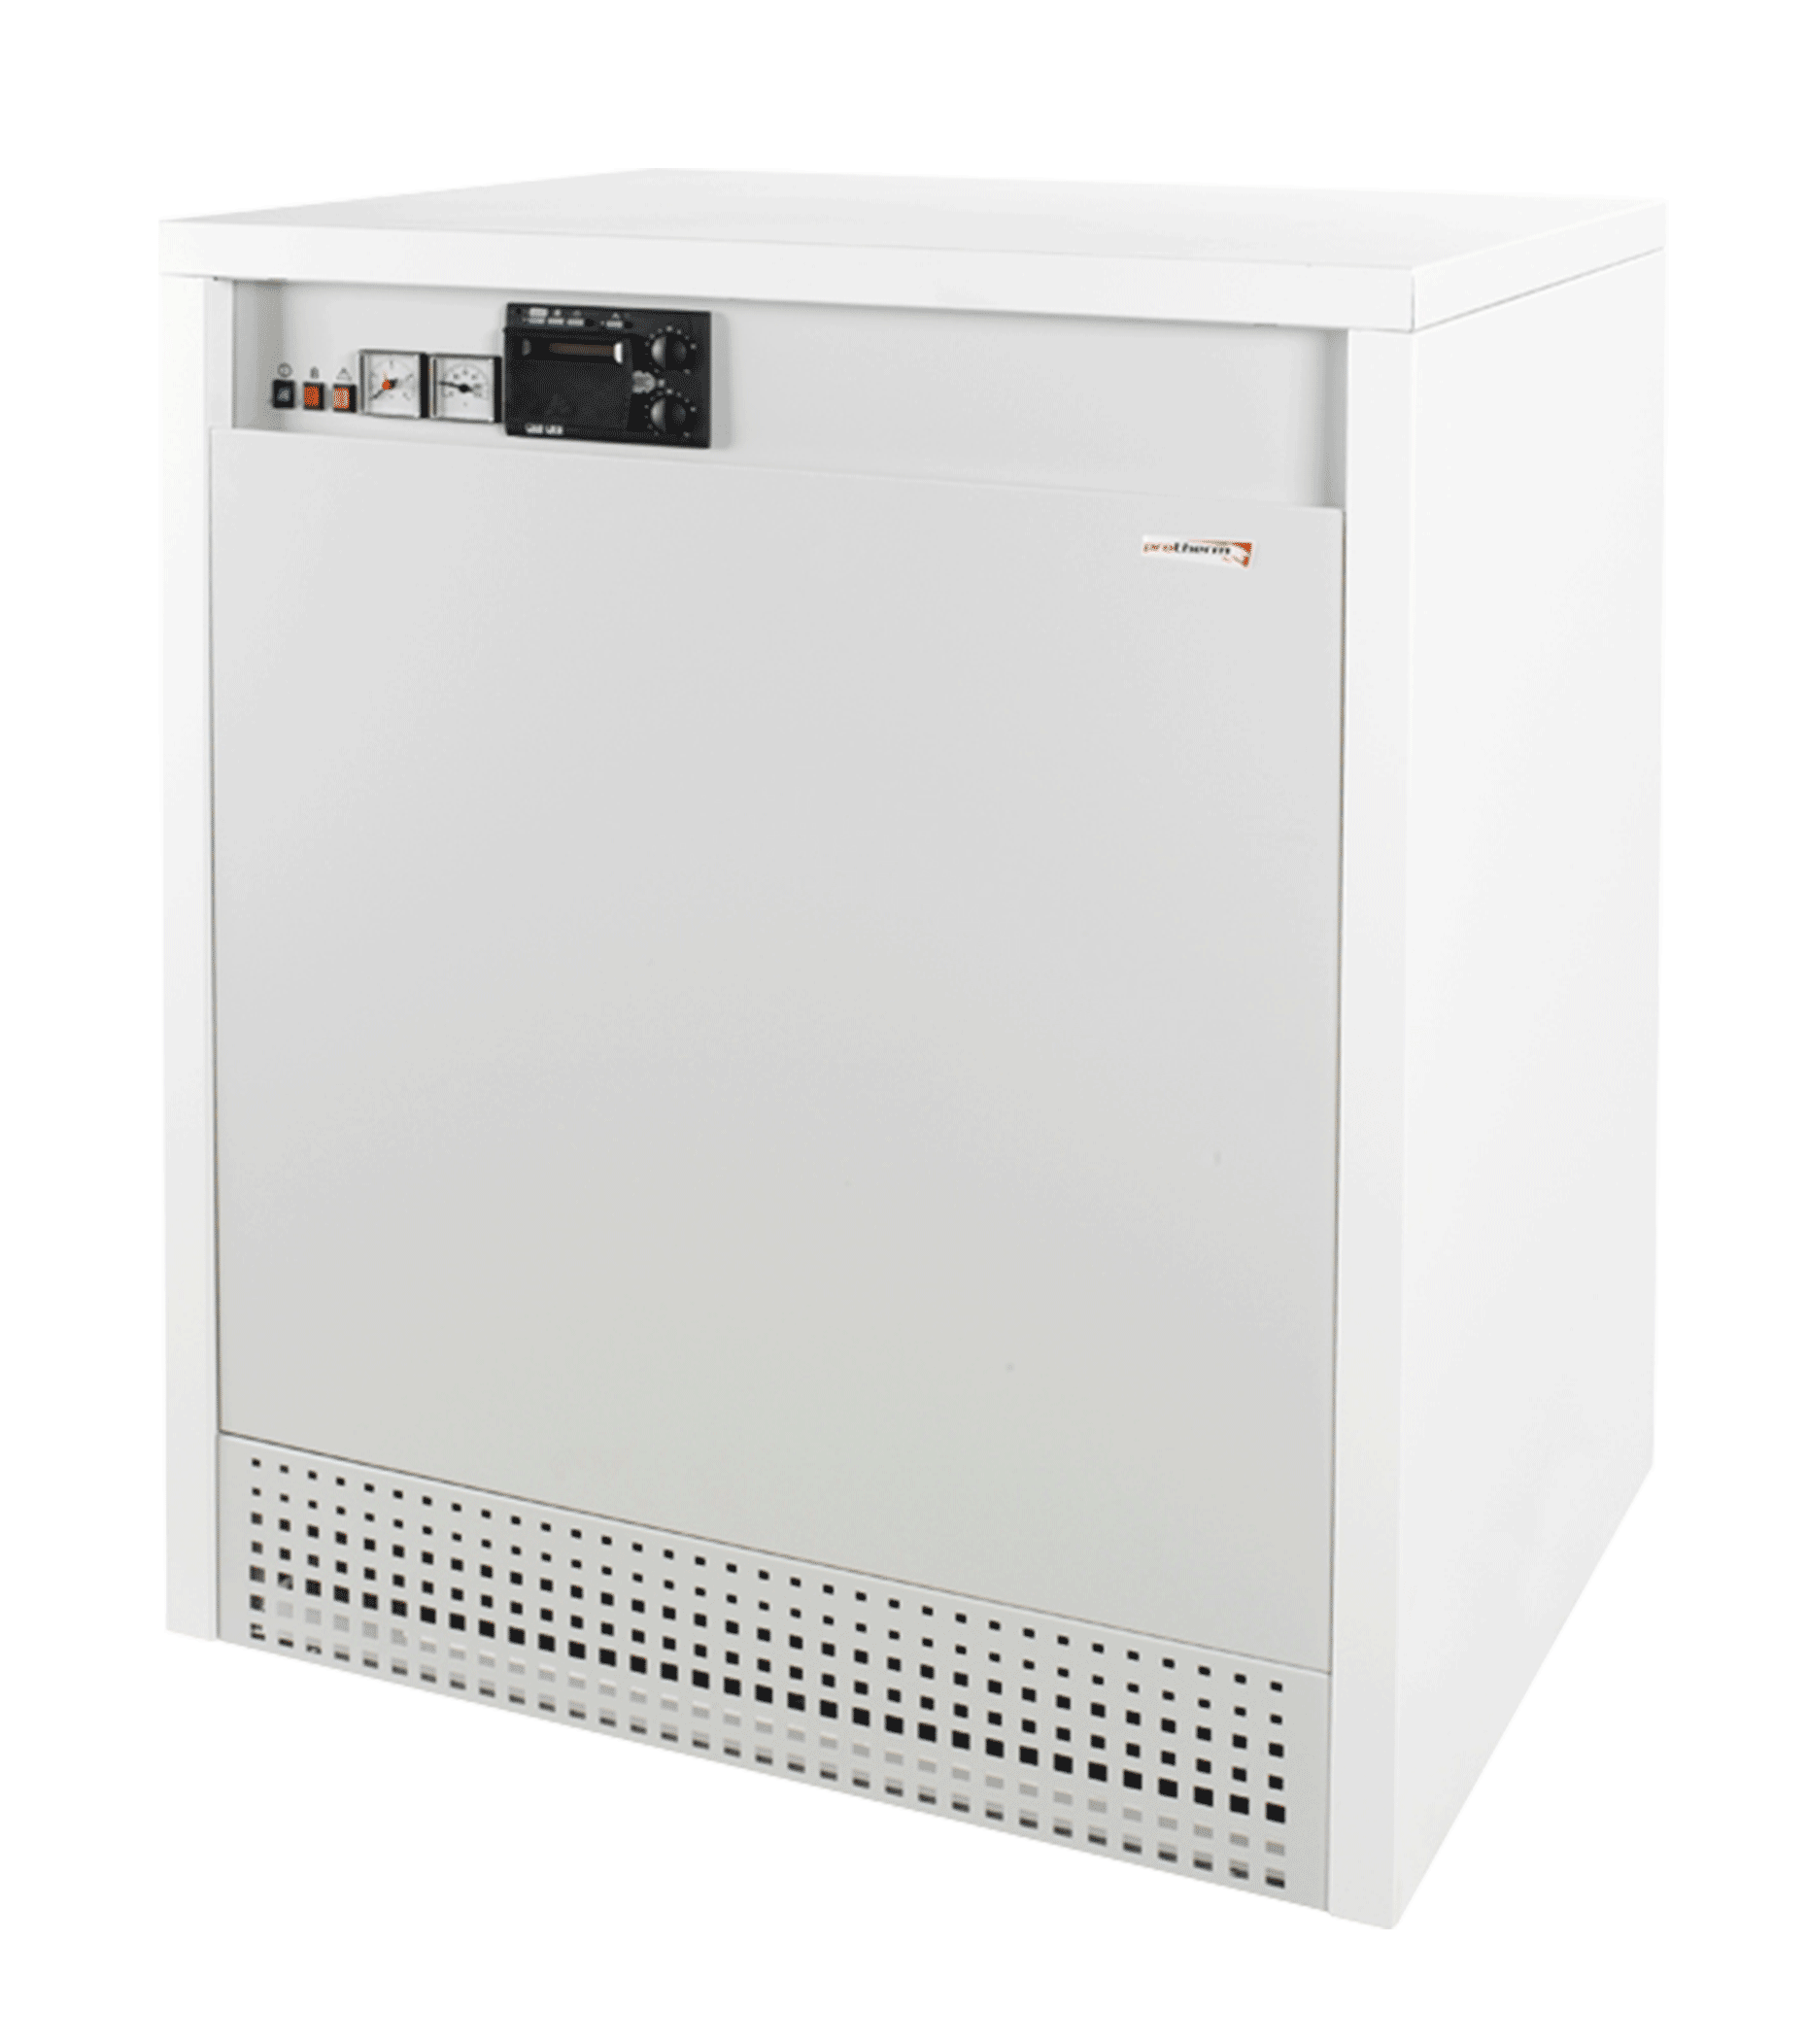 Котел газовый Protherm Гризли 130 KLO (130 кВт)